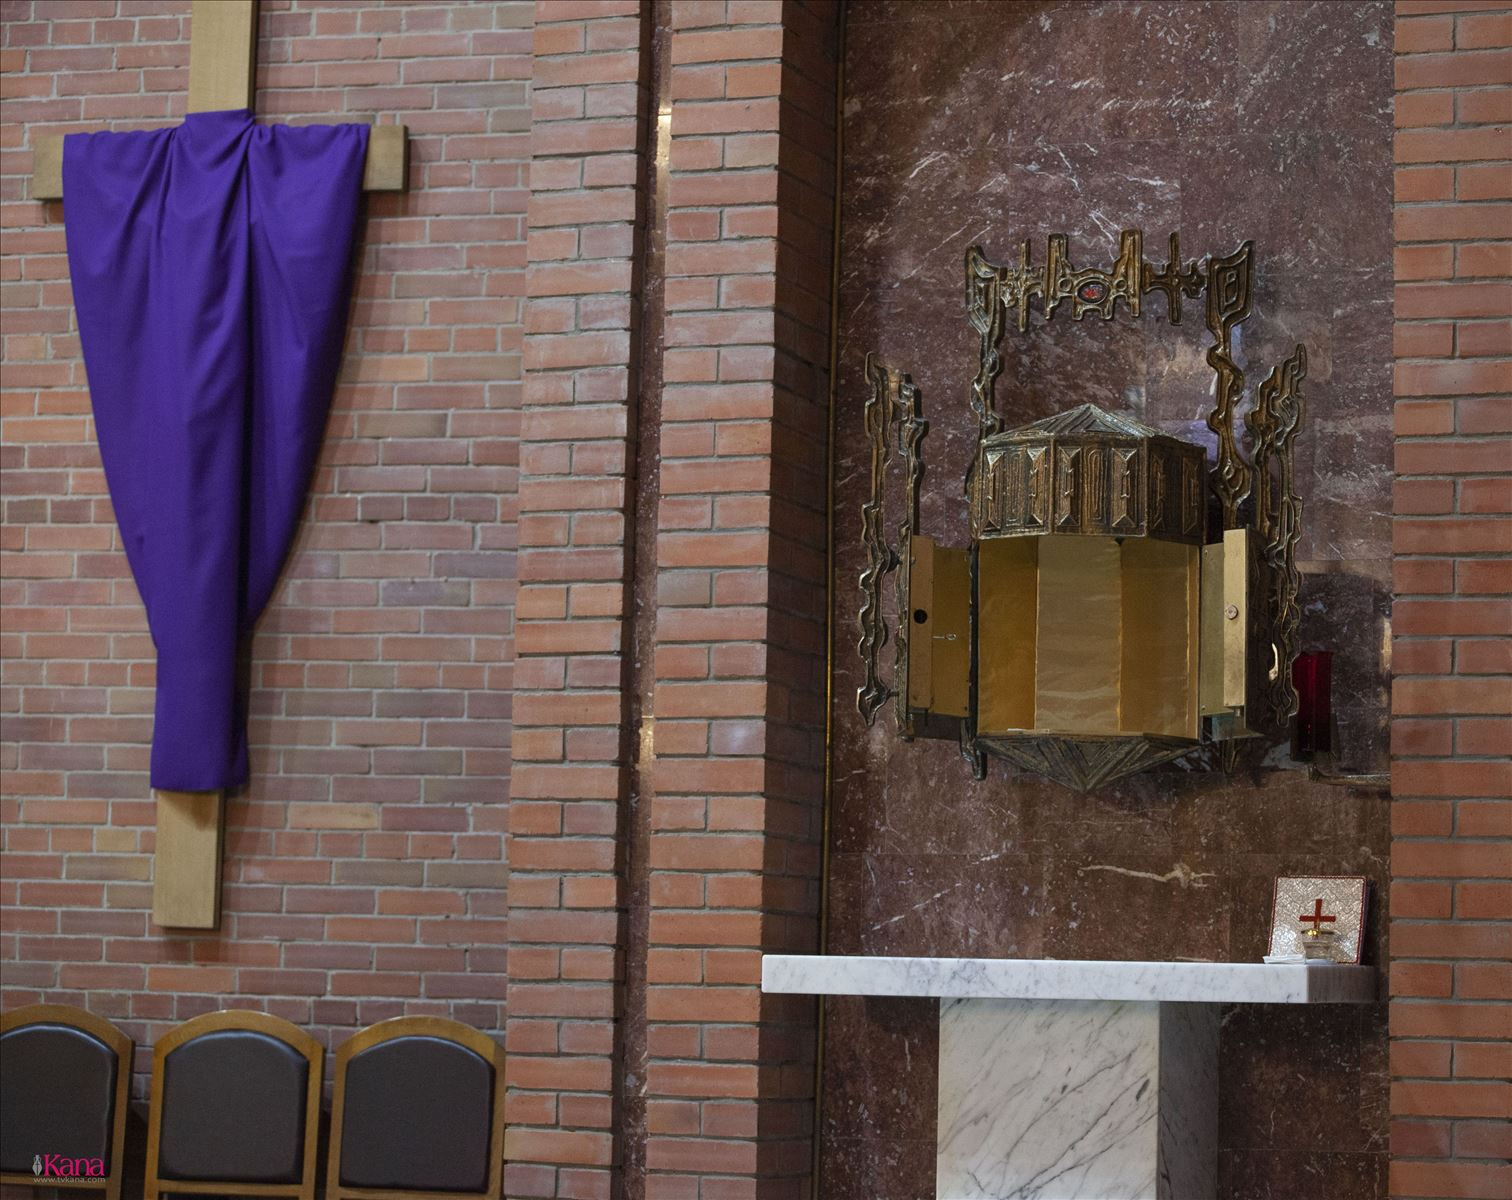 Сибирские католики вступили в Священное Пасхальное Триденствие: Месса воспоминания Тайной Вечери в Кафедральном соборе Преображенской епархии